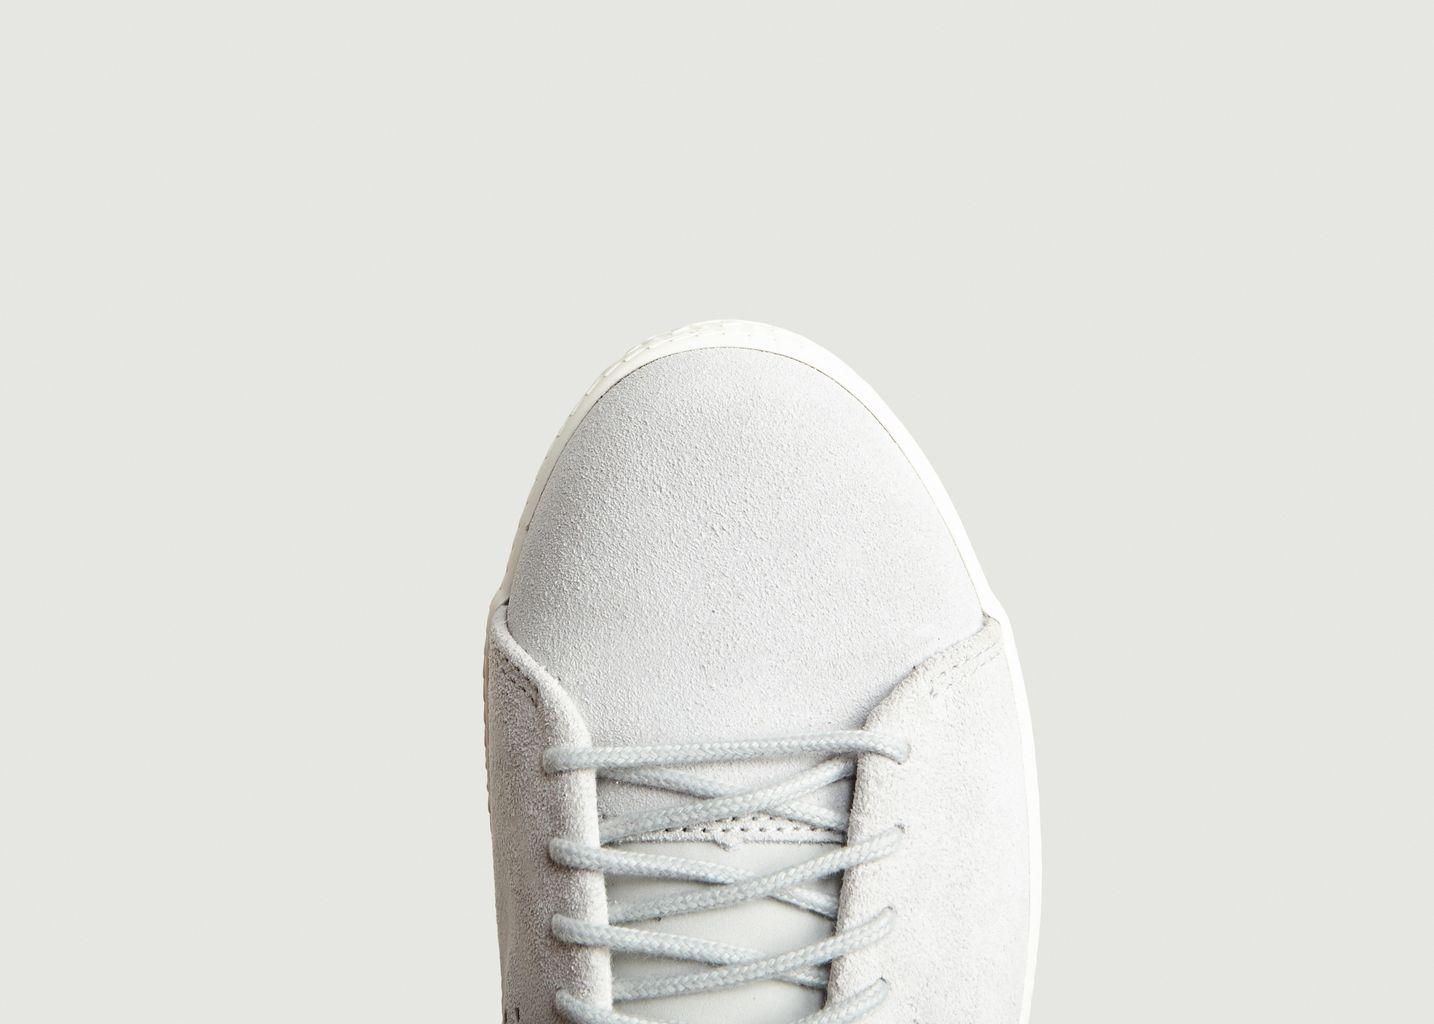 Soldes Sneakers Charline Suède Gris Léger Le Coq Sportif à -40%   L ... 4c028d4dd312